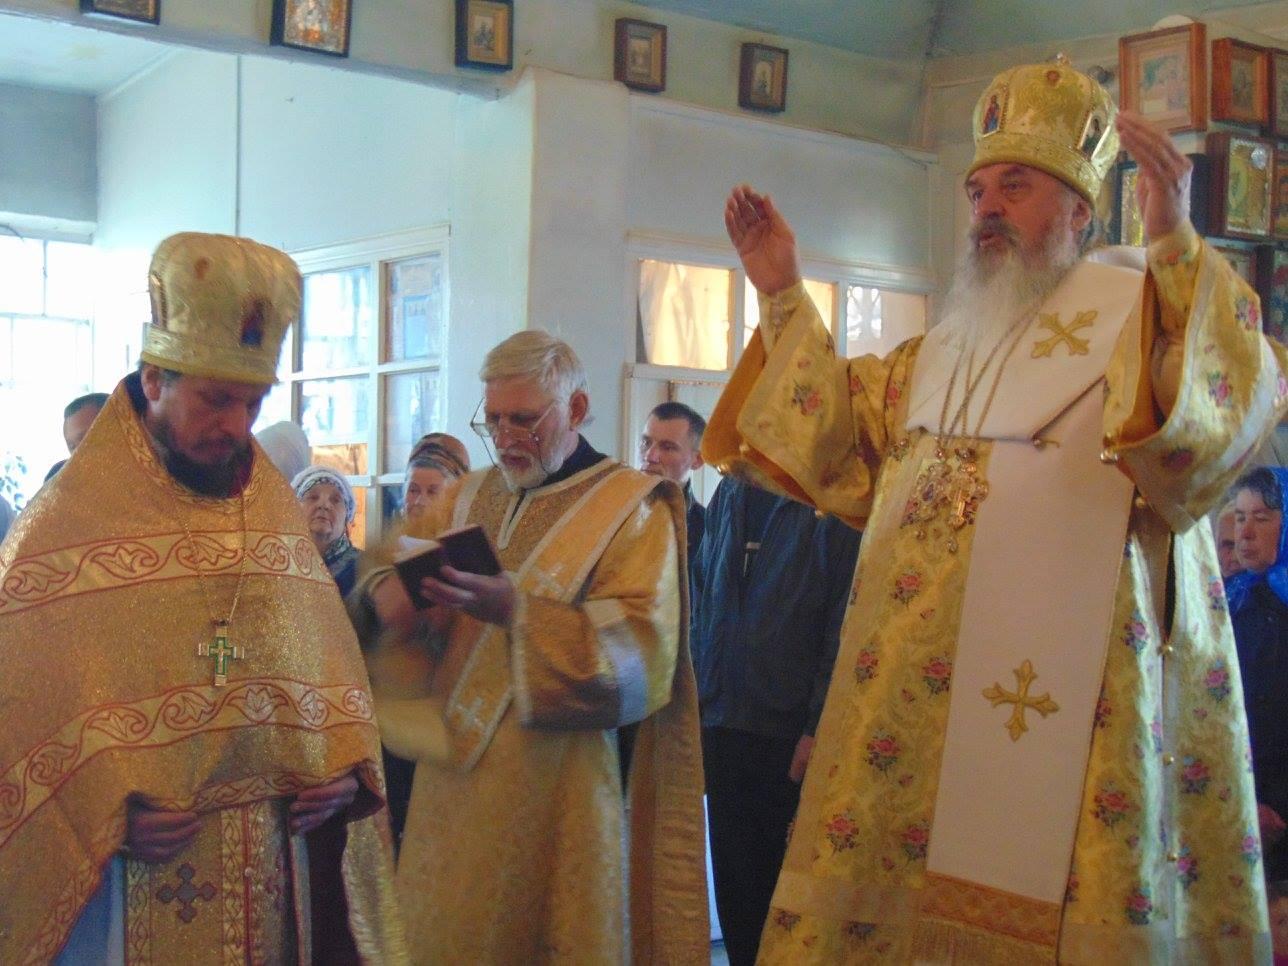 Заява Єпархіальної ради Білгородсько-Обоянської єпархії щодо госпіталізації Святійшого Патріарха Філарета